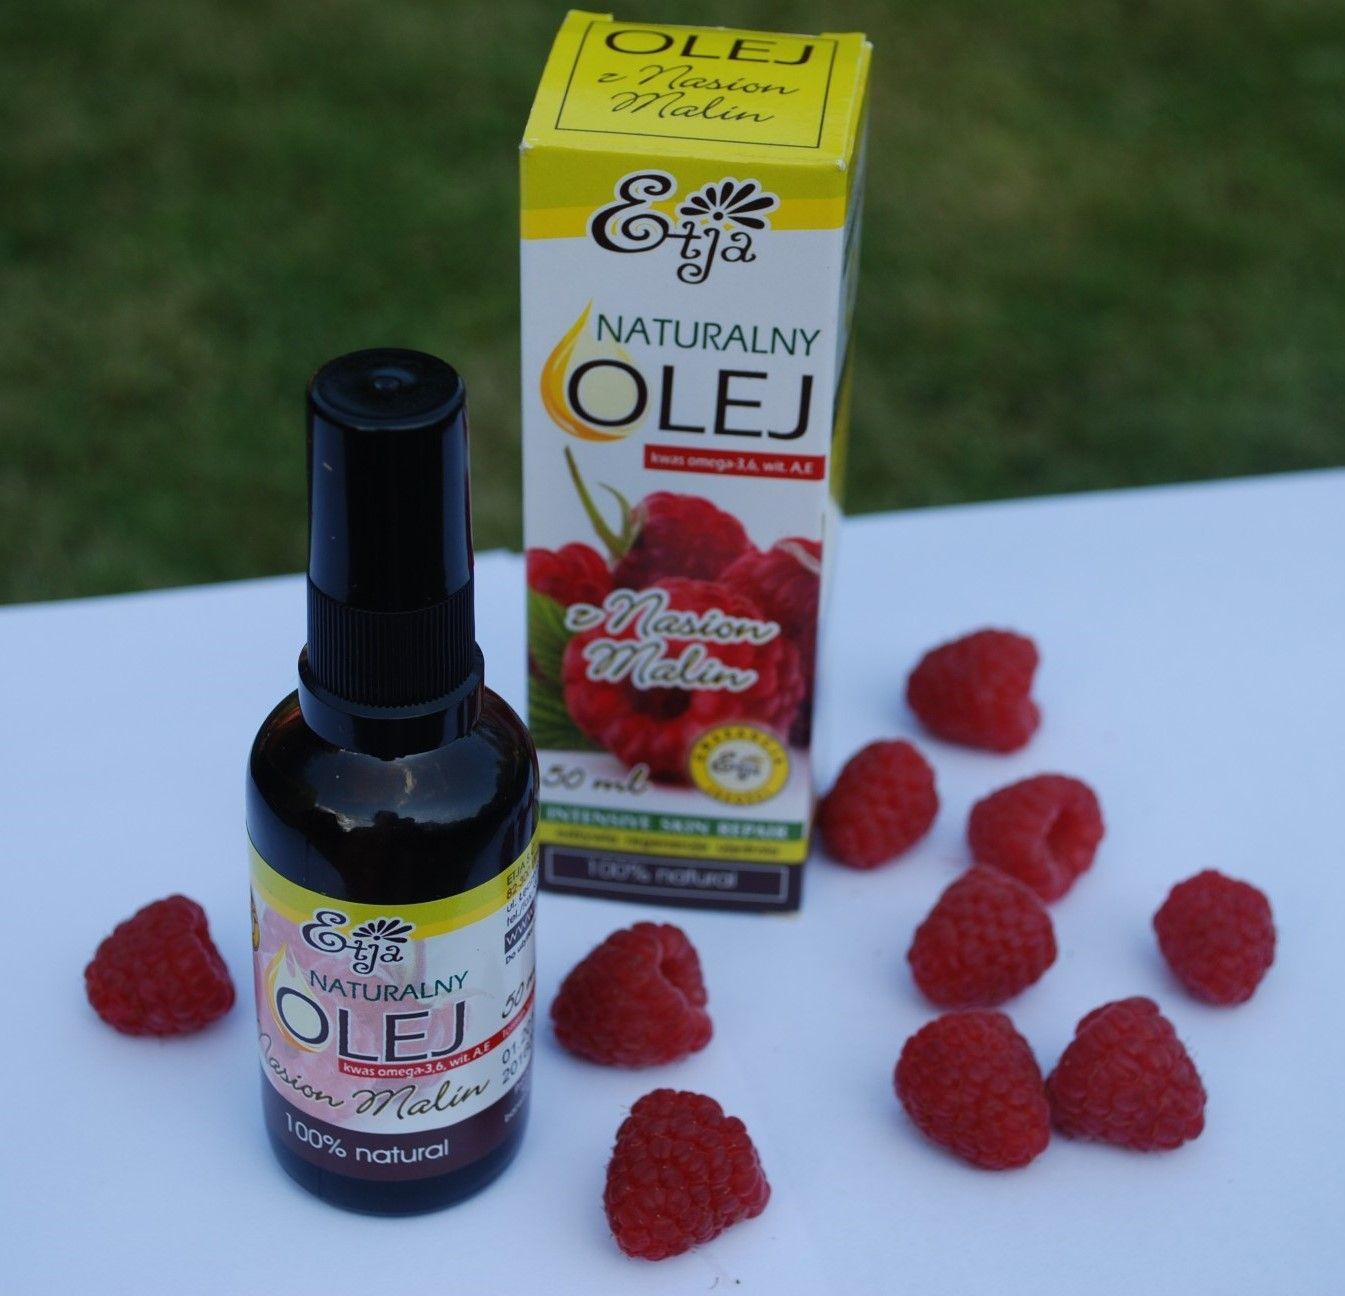 Naturalny olejek z pestek malin idealny na lato